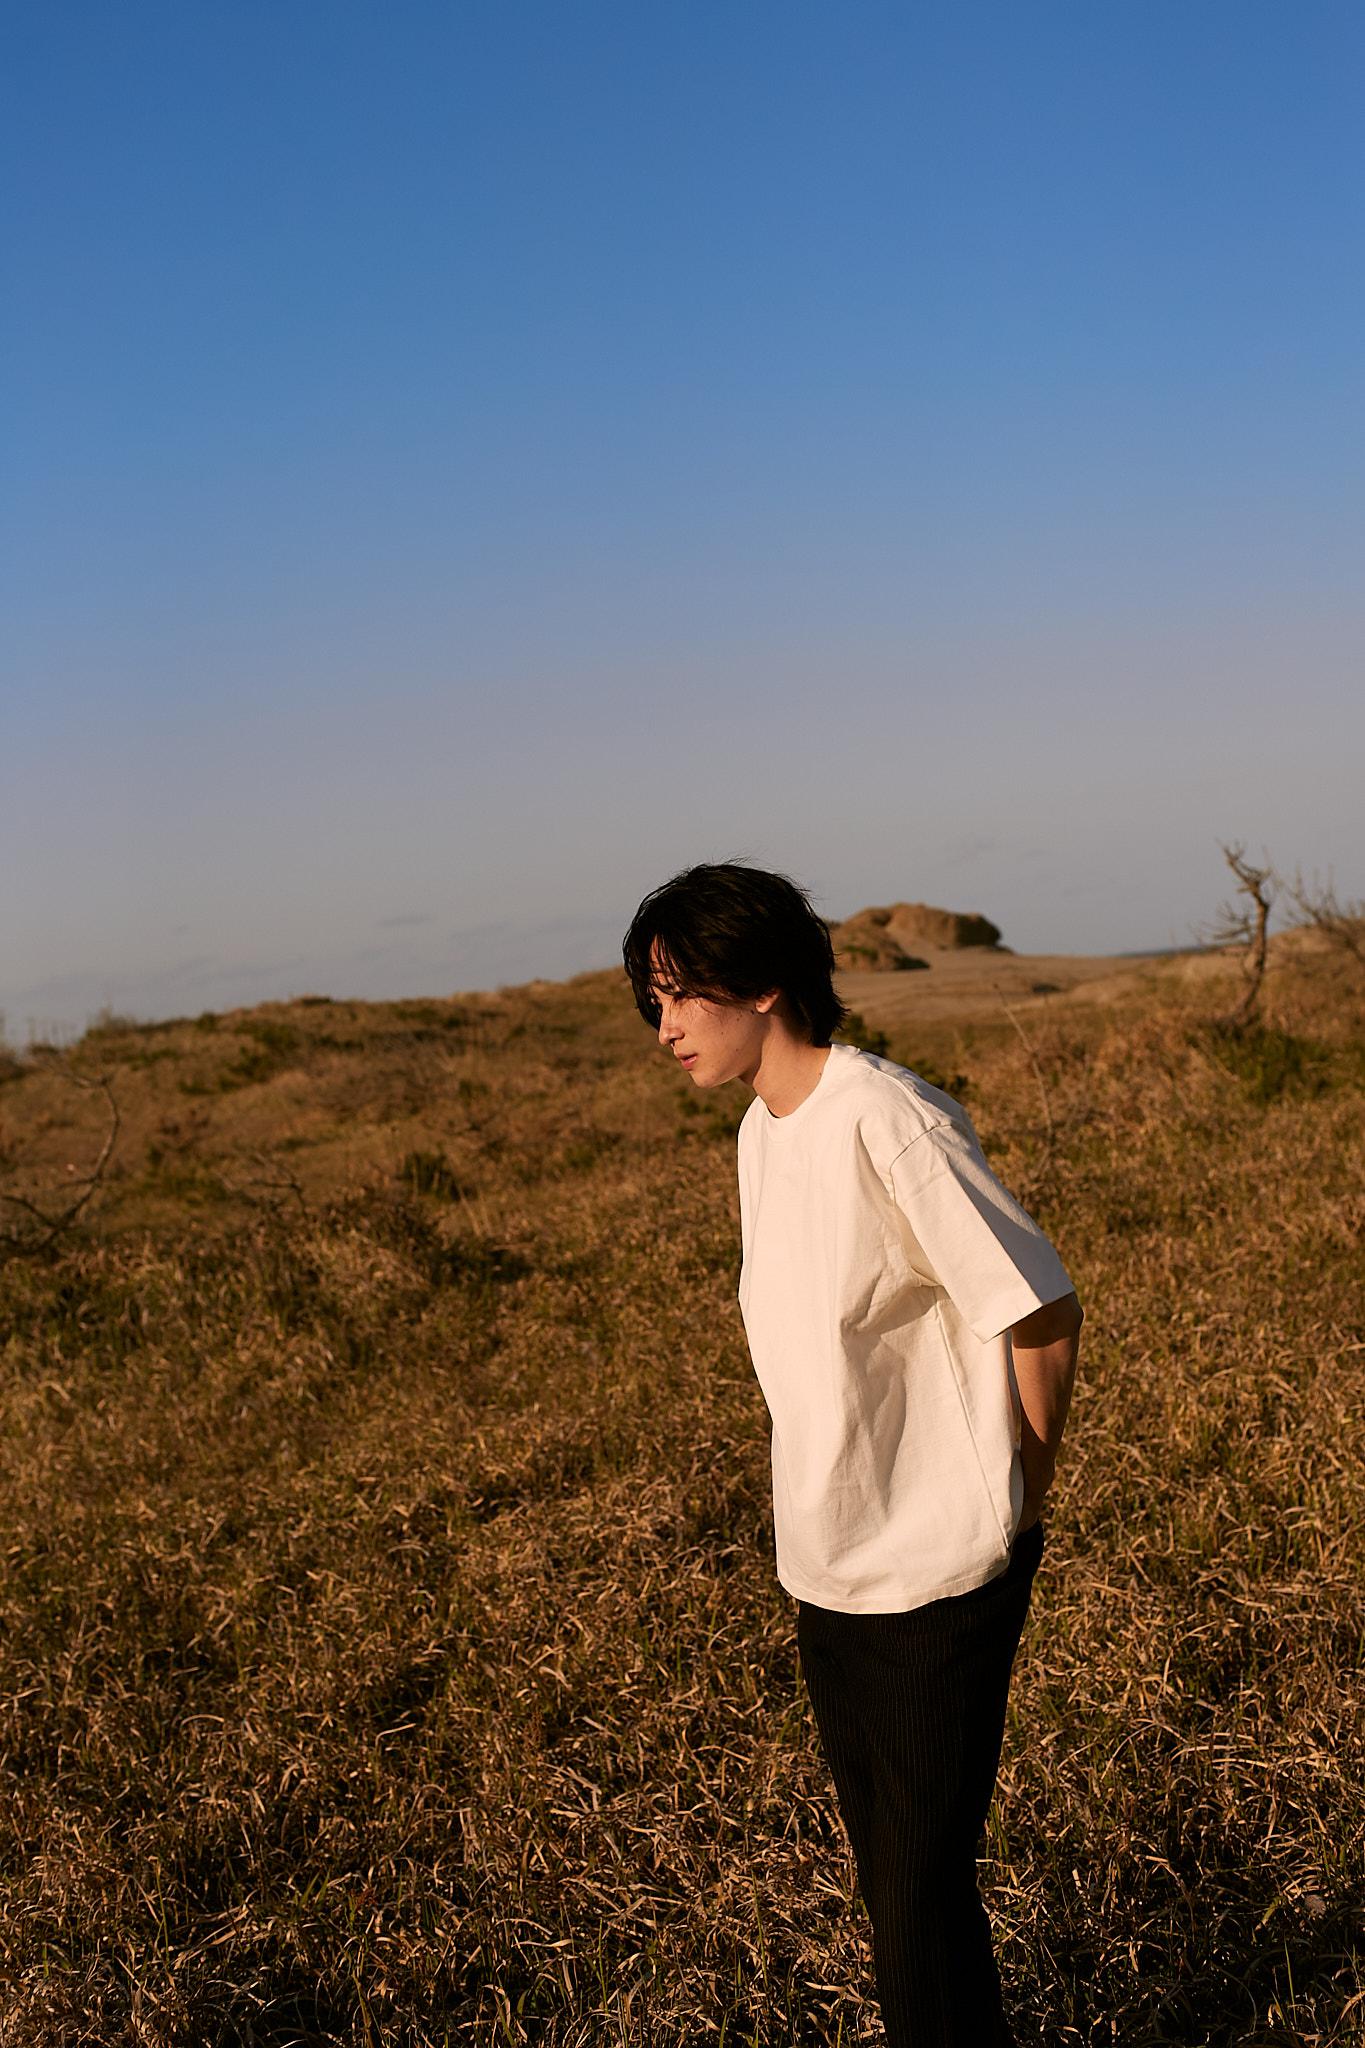 佐藤峻輔 (C)AoiTokimatsu